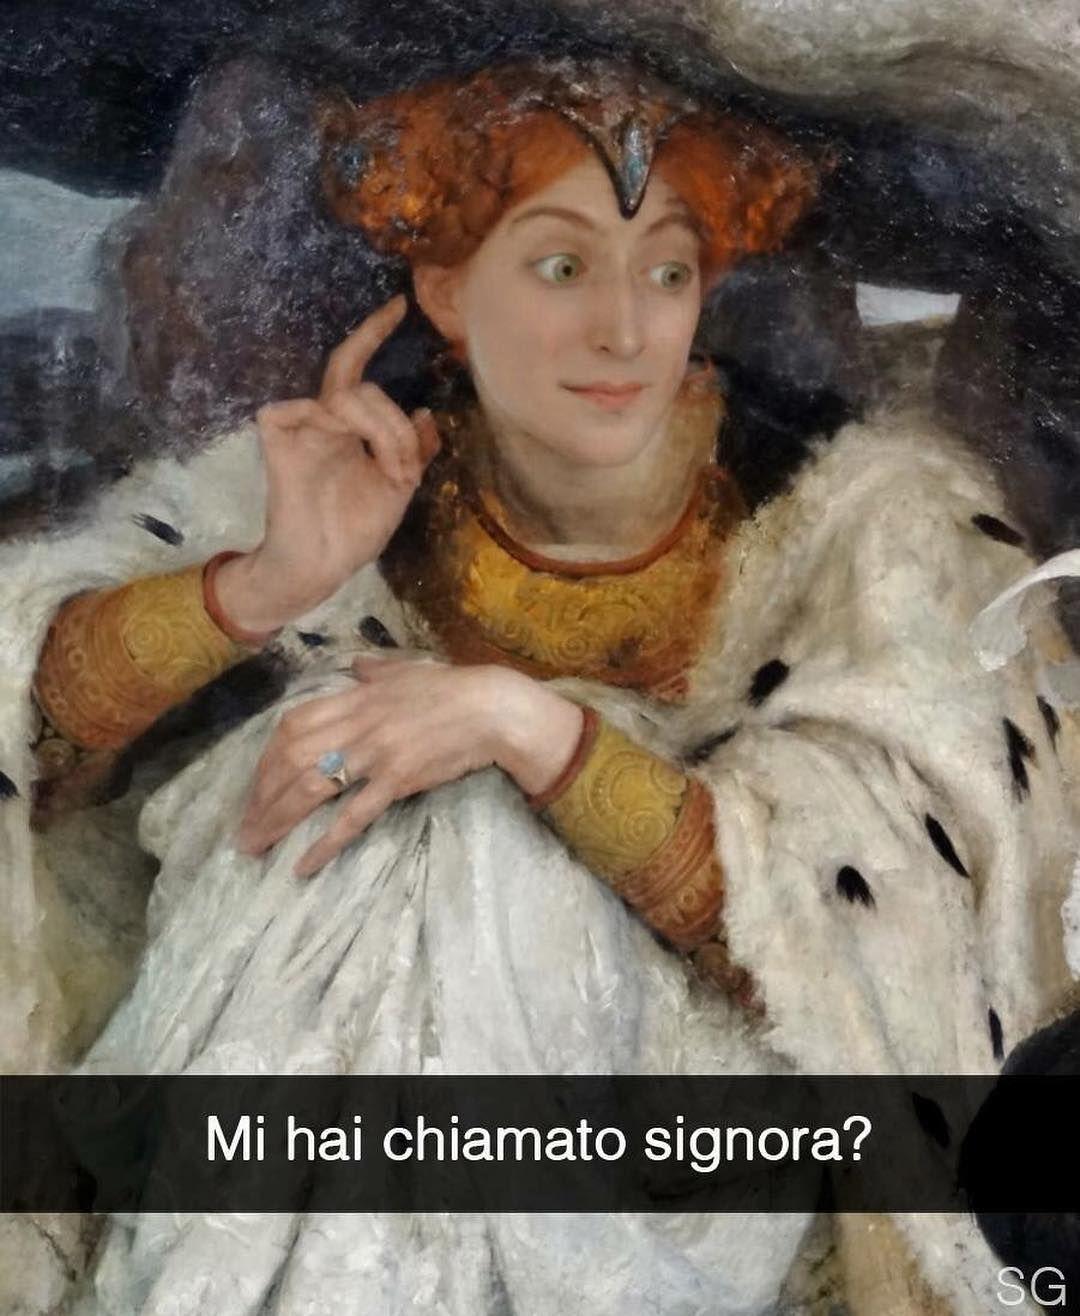 Aggiungimi su Snapchat: stefanoguerrera  La Légende Bretonne - Edgard Maxence (1906)  #seiquadripotesseroparlare